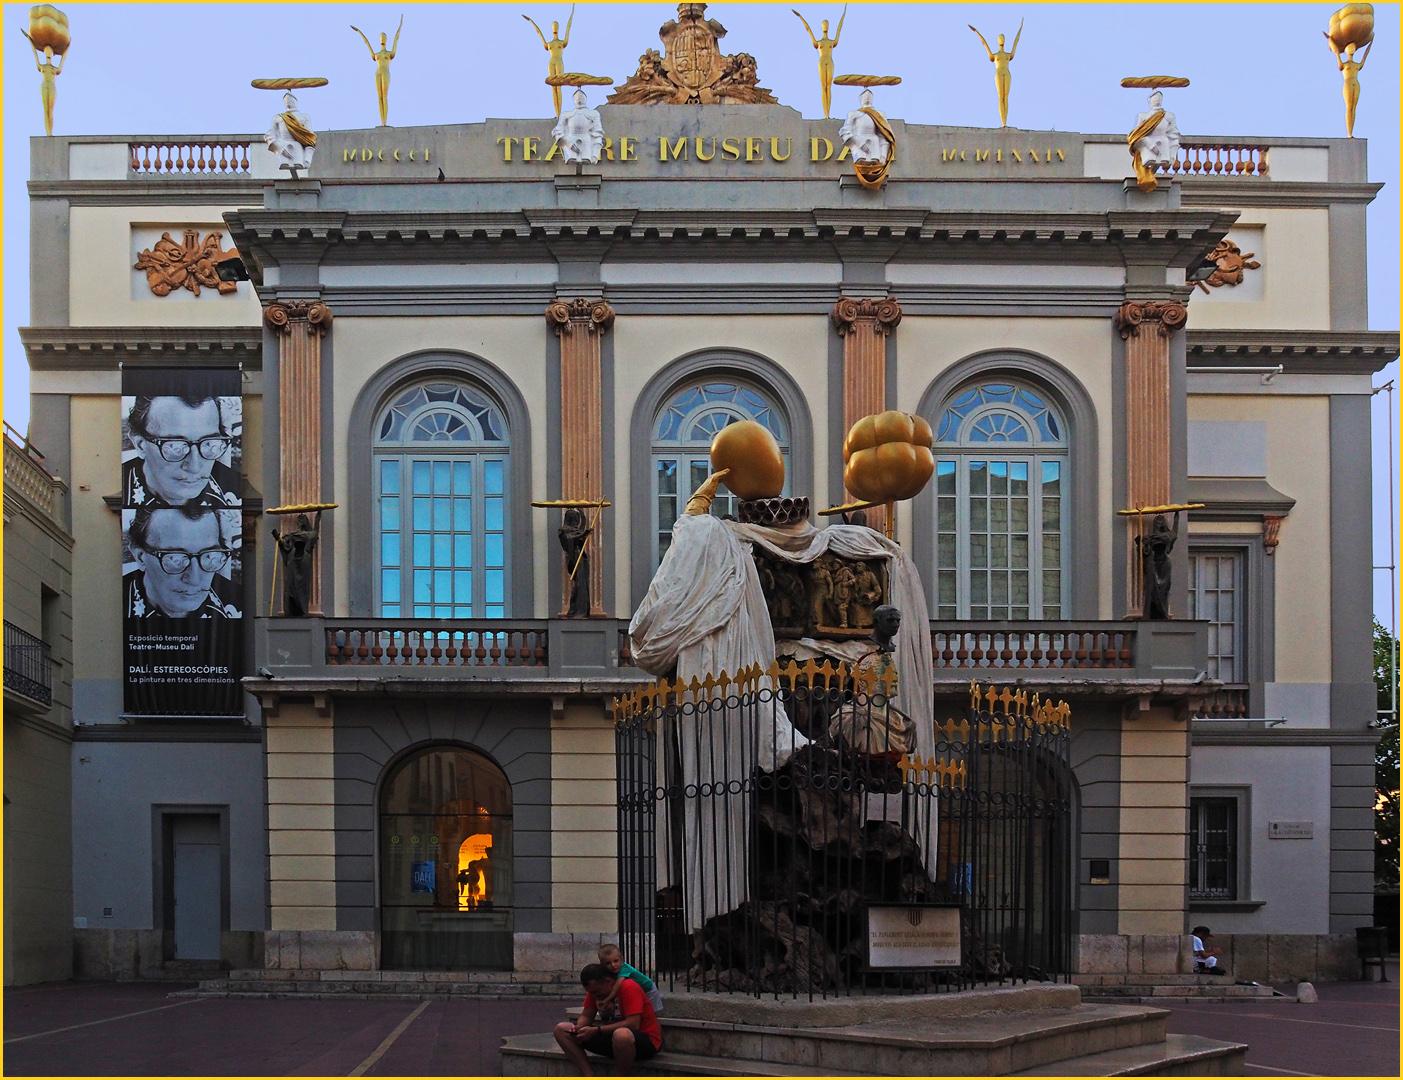 Théâtre-Musée Dali  --  Figueras